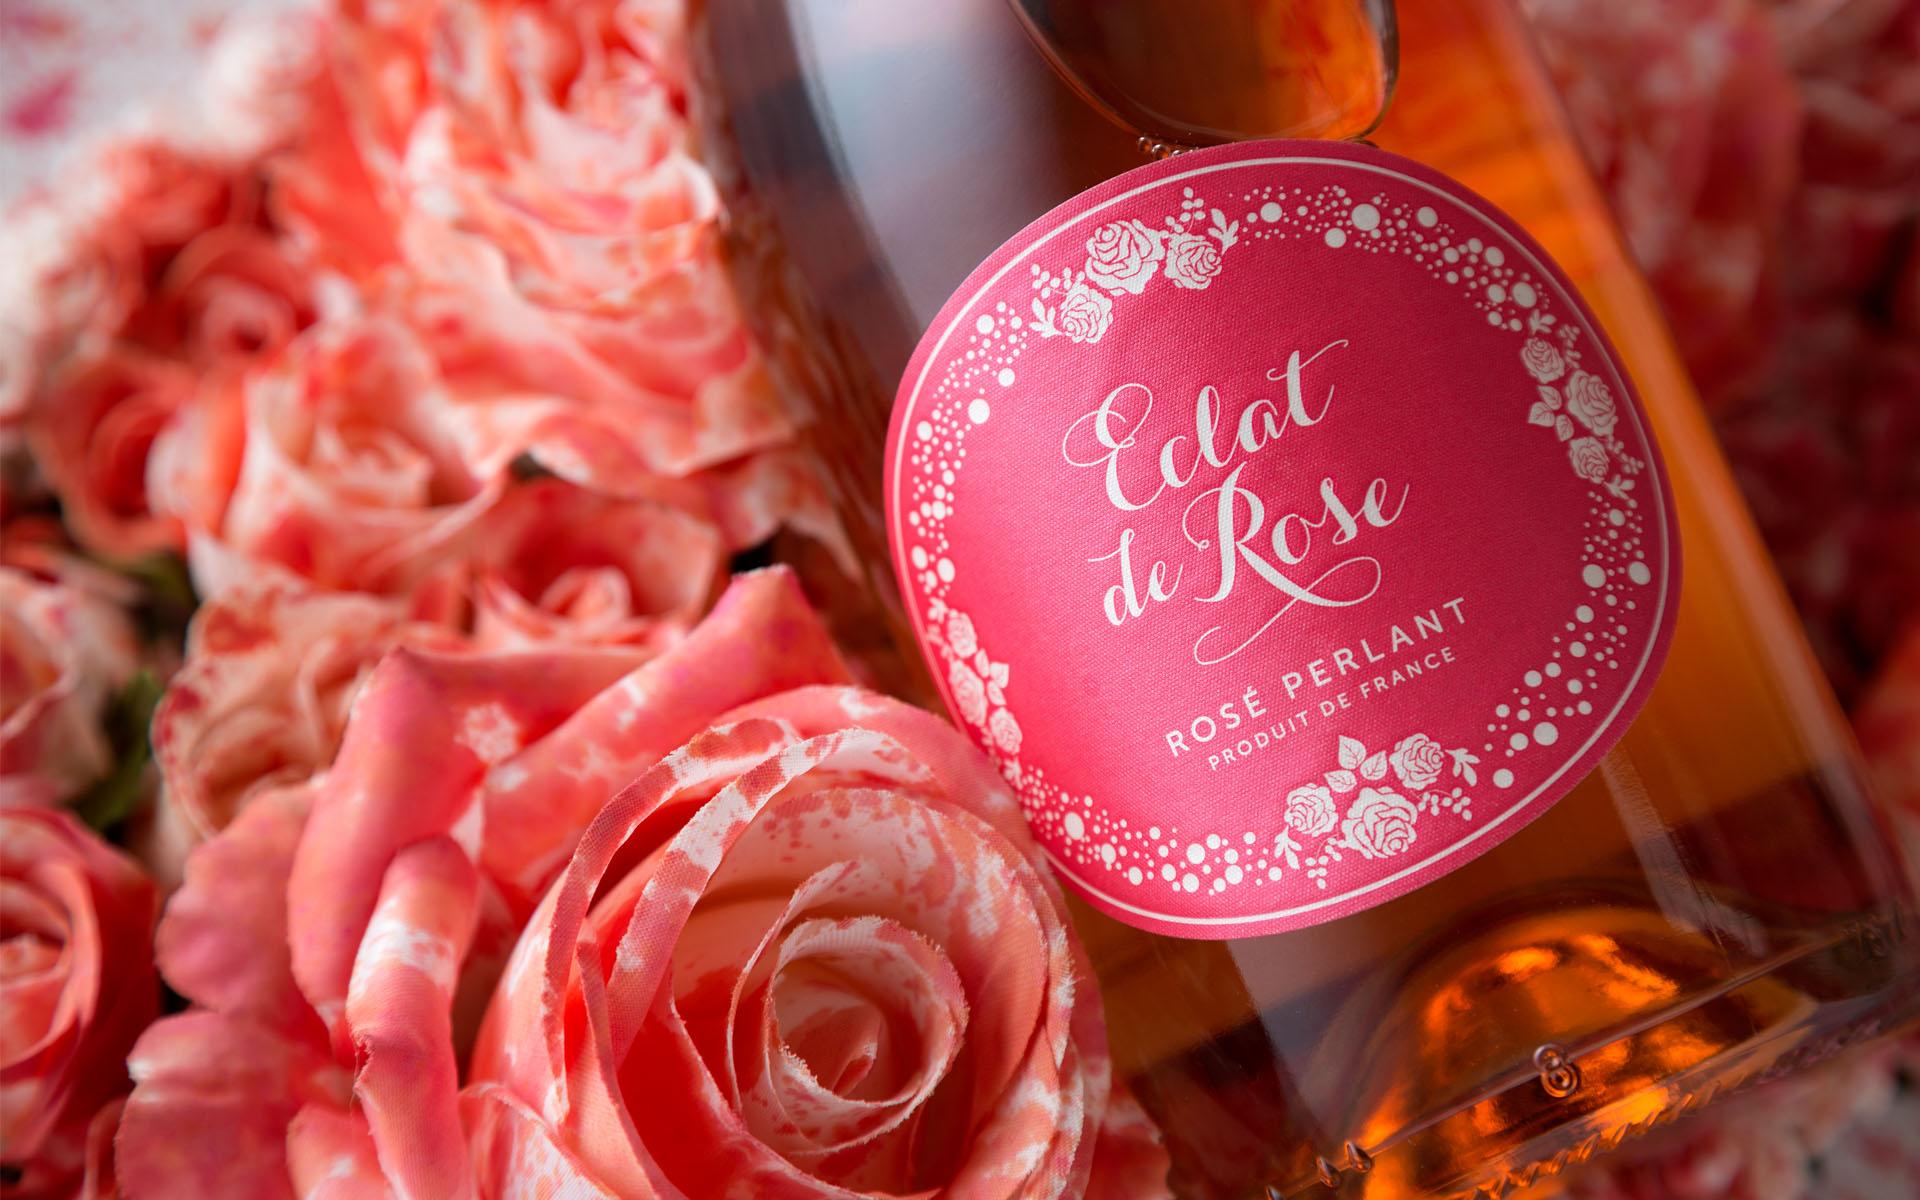 Numa pausa refrescante, num encontro entre amigos ou simplesmente como aperitivo... Eclat de Rose é a escolha perfeita para momentos de convívio!